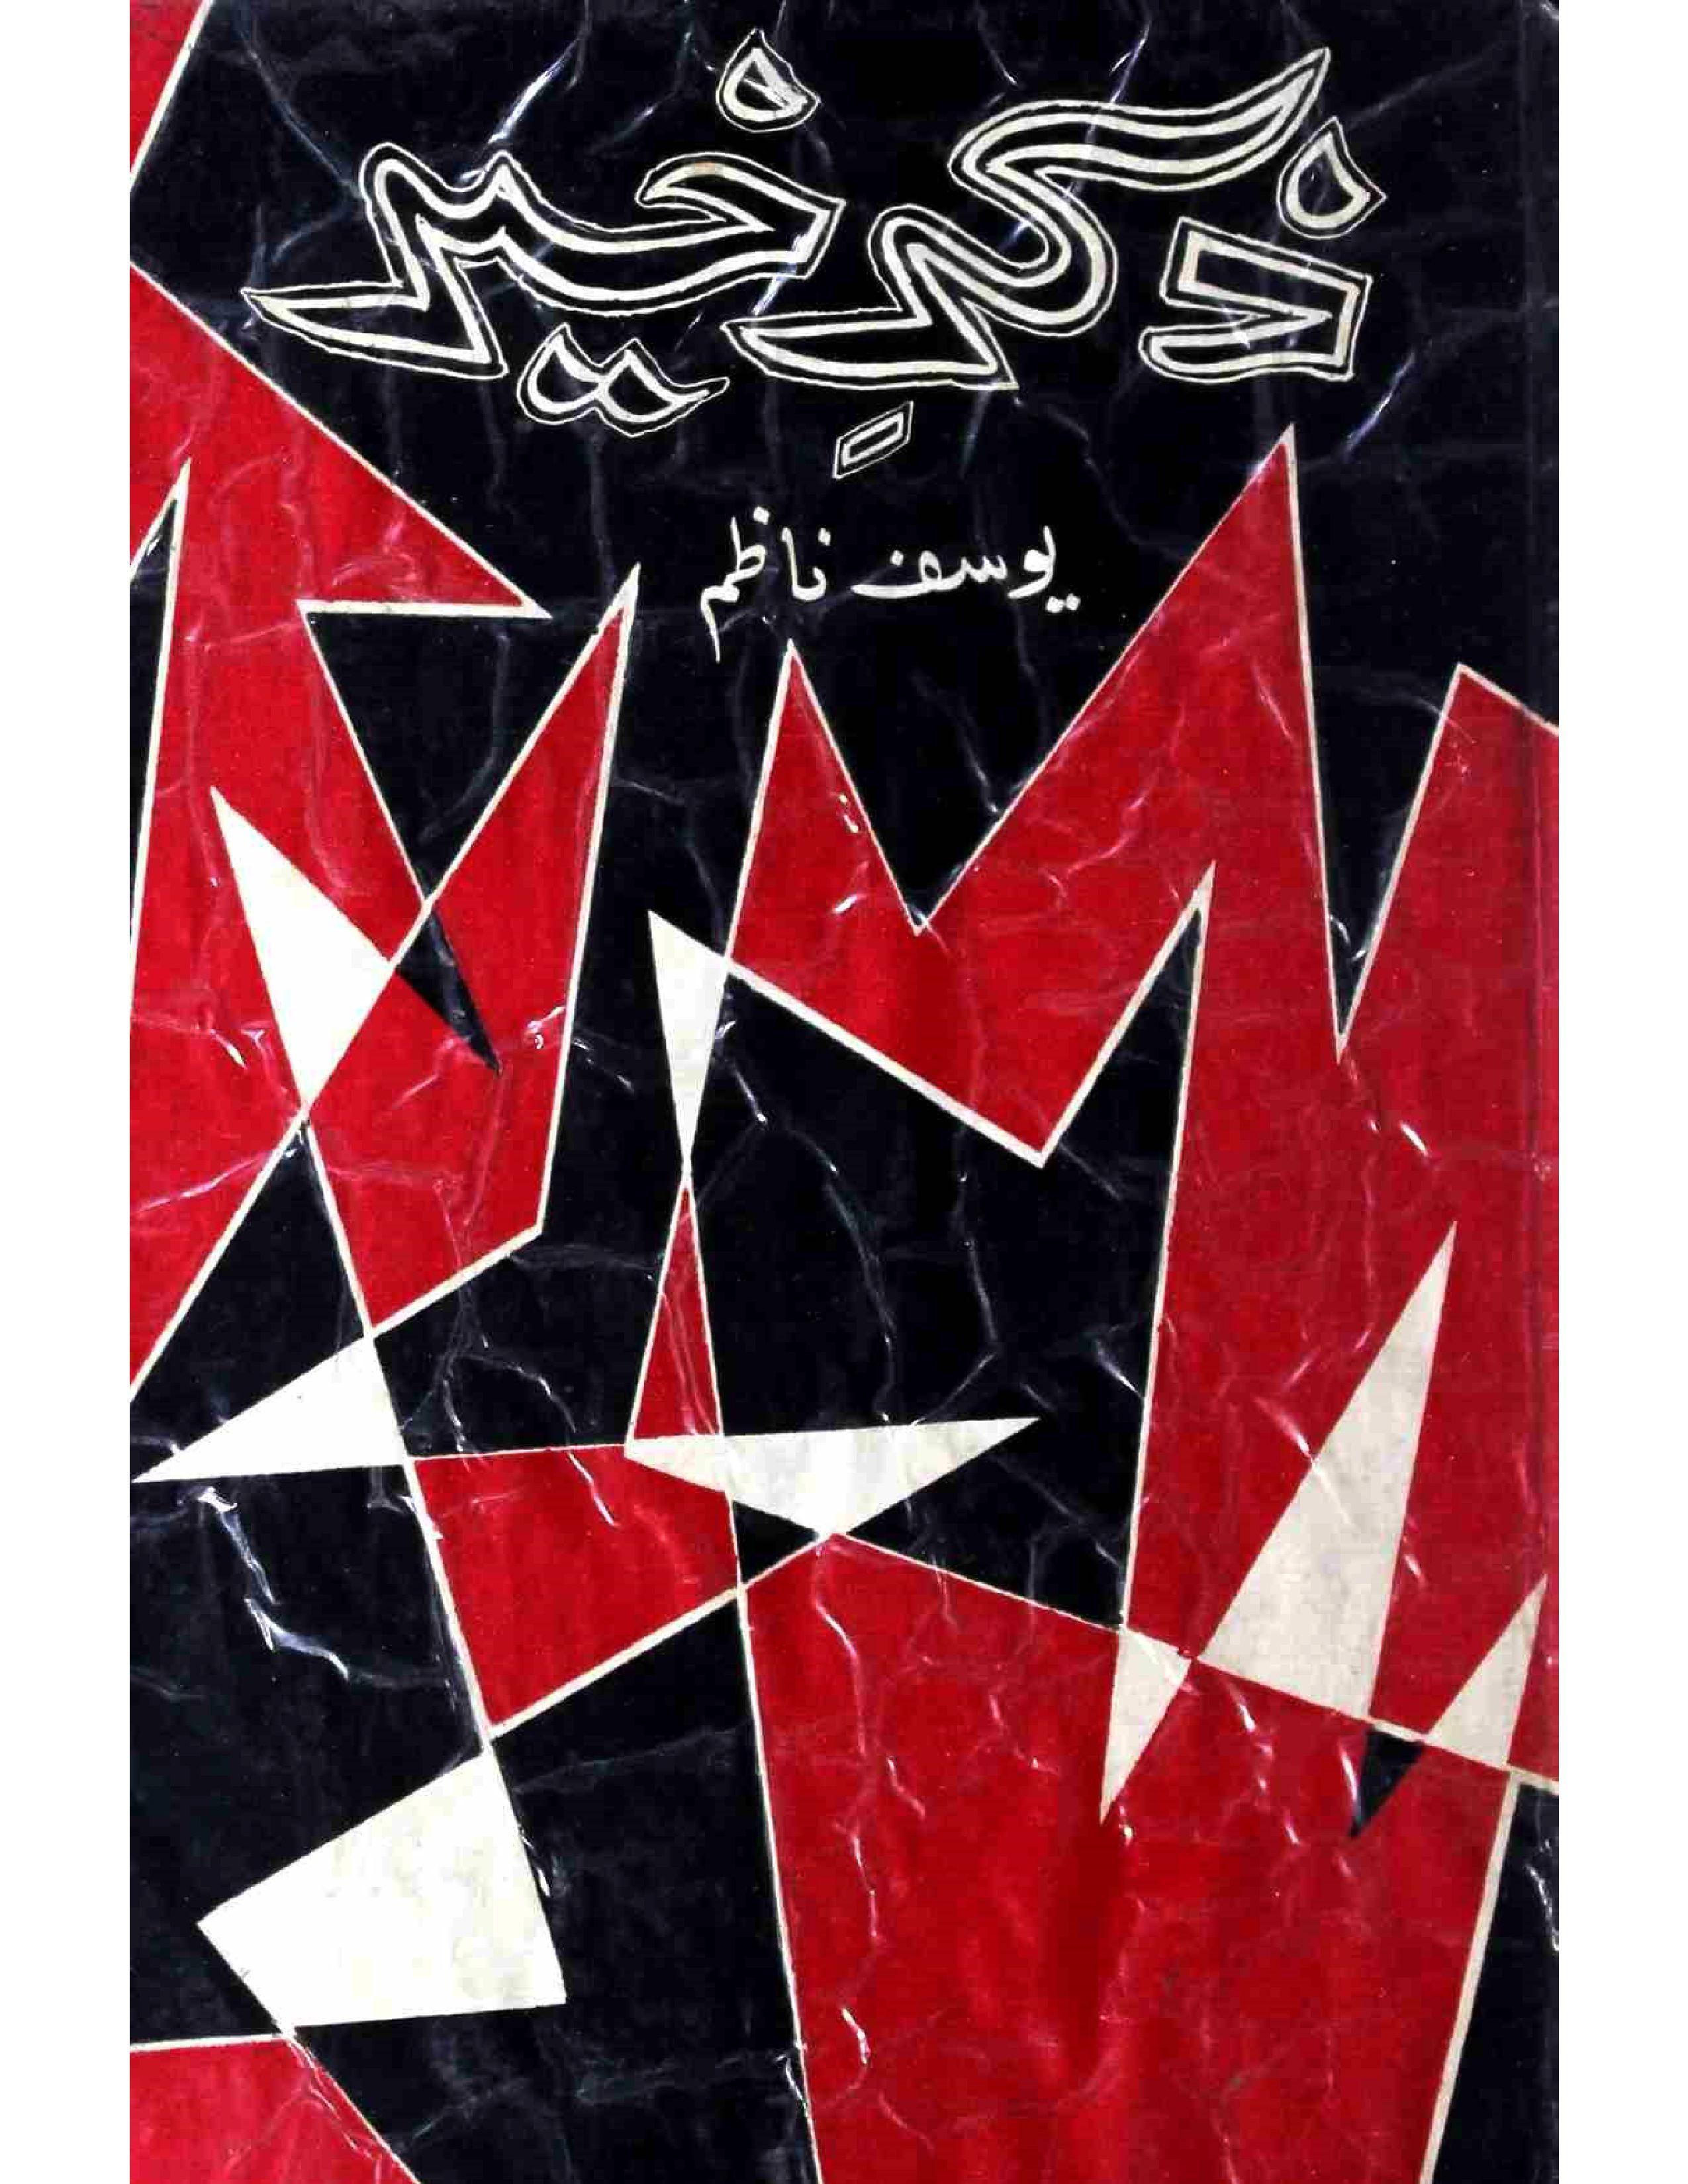 Zikr-e-Khair